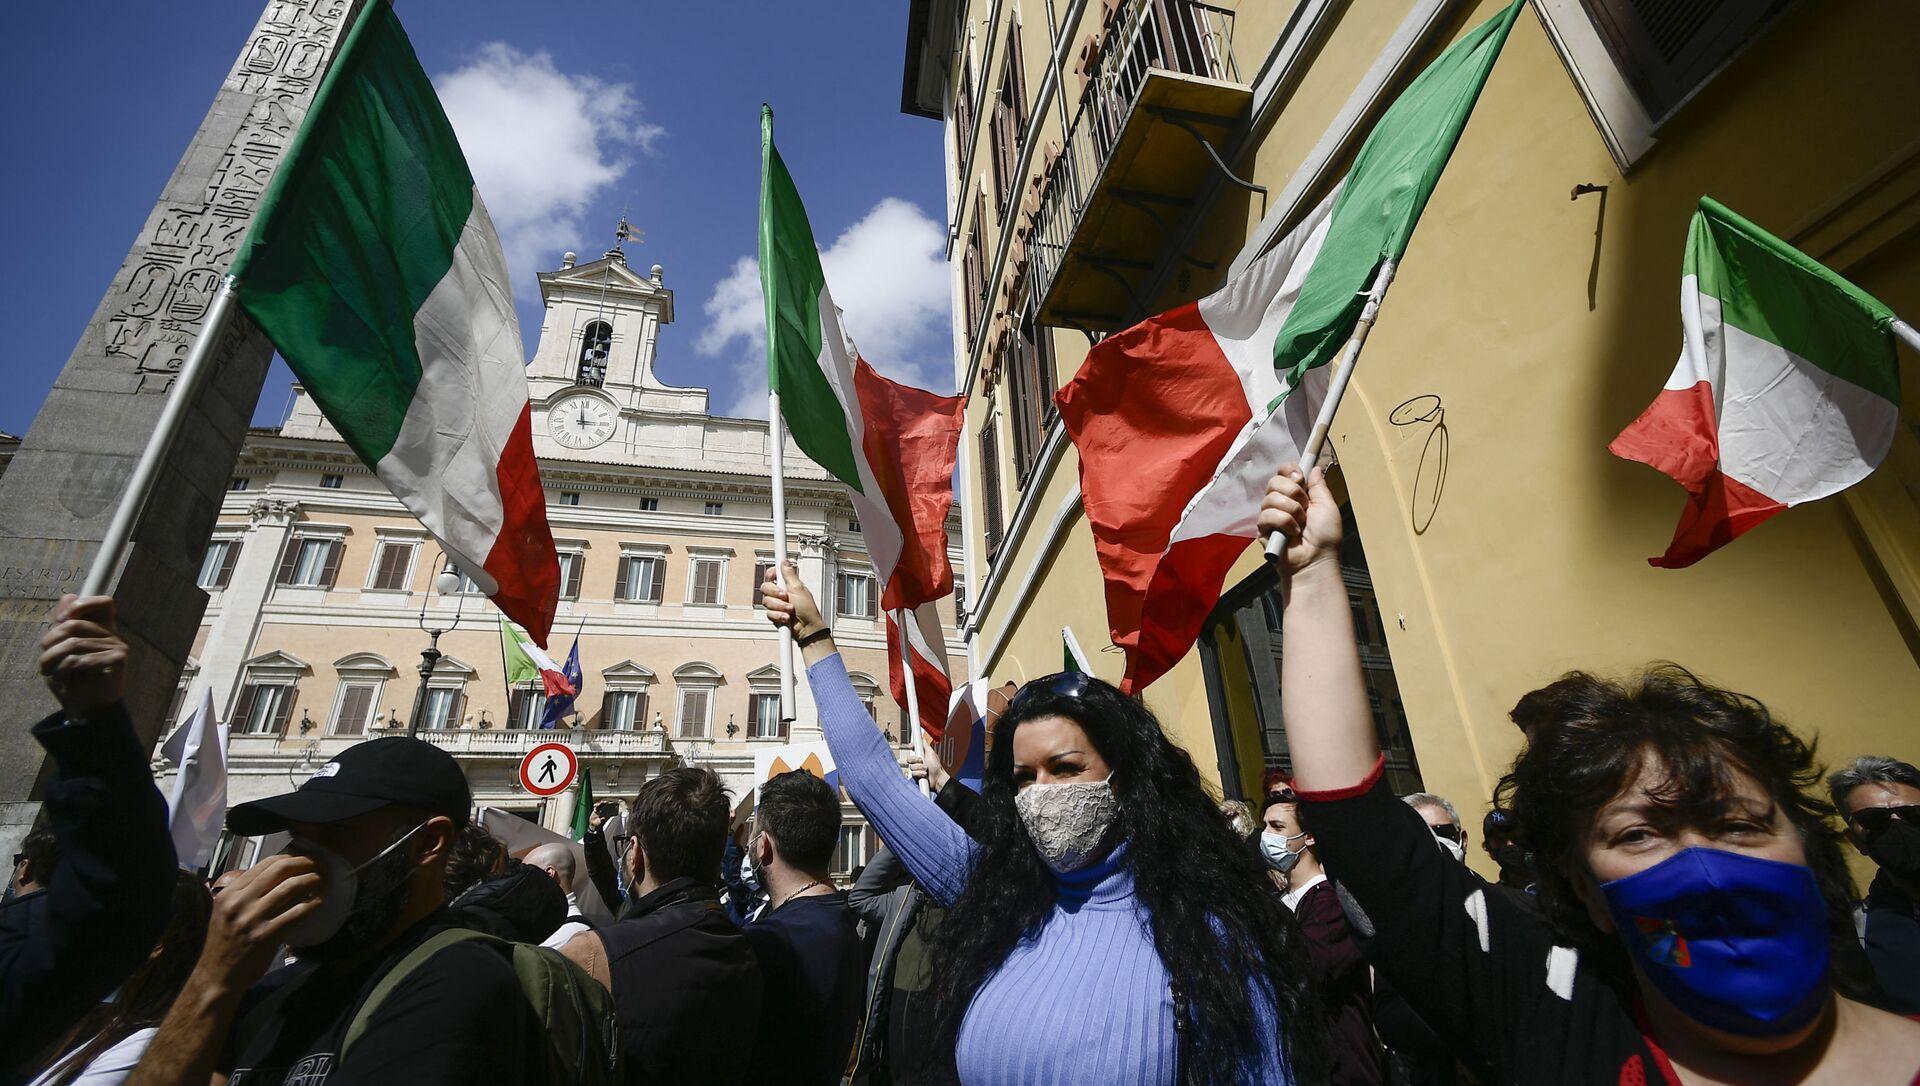 Акция протеста владельцев малого бизнеса в Риме против ограничений из-за COVID-19 - Sputnik Italia, 1920, 11.04.2021